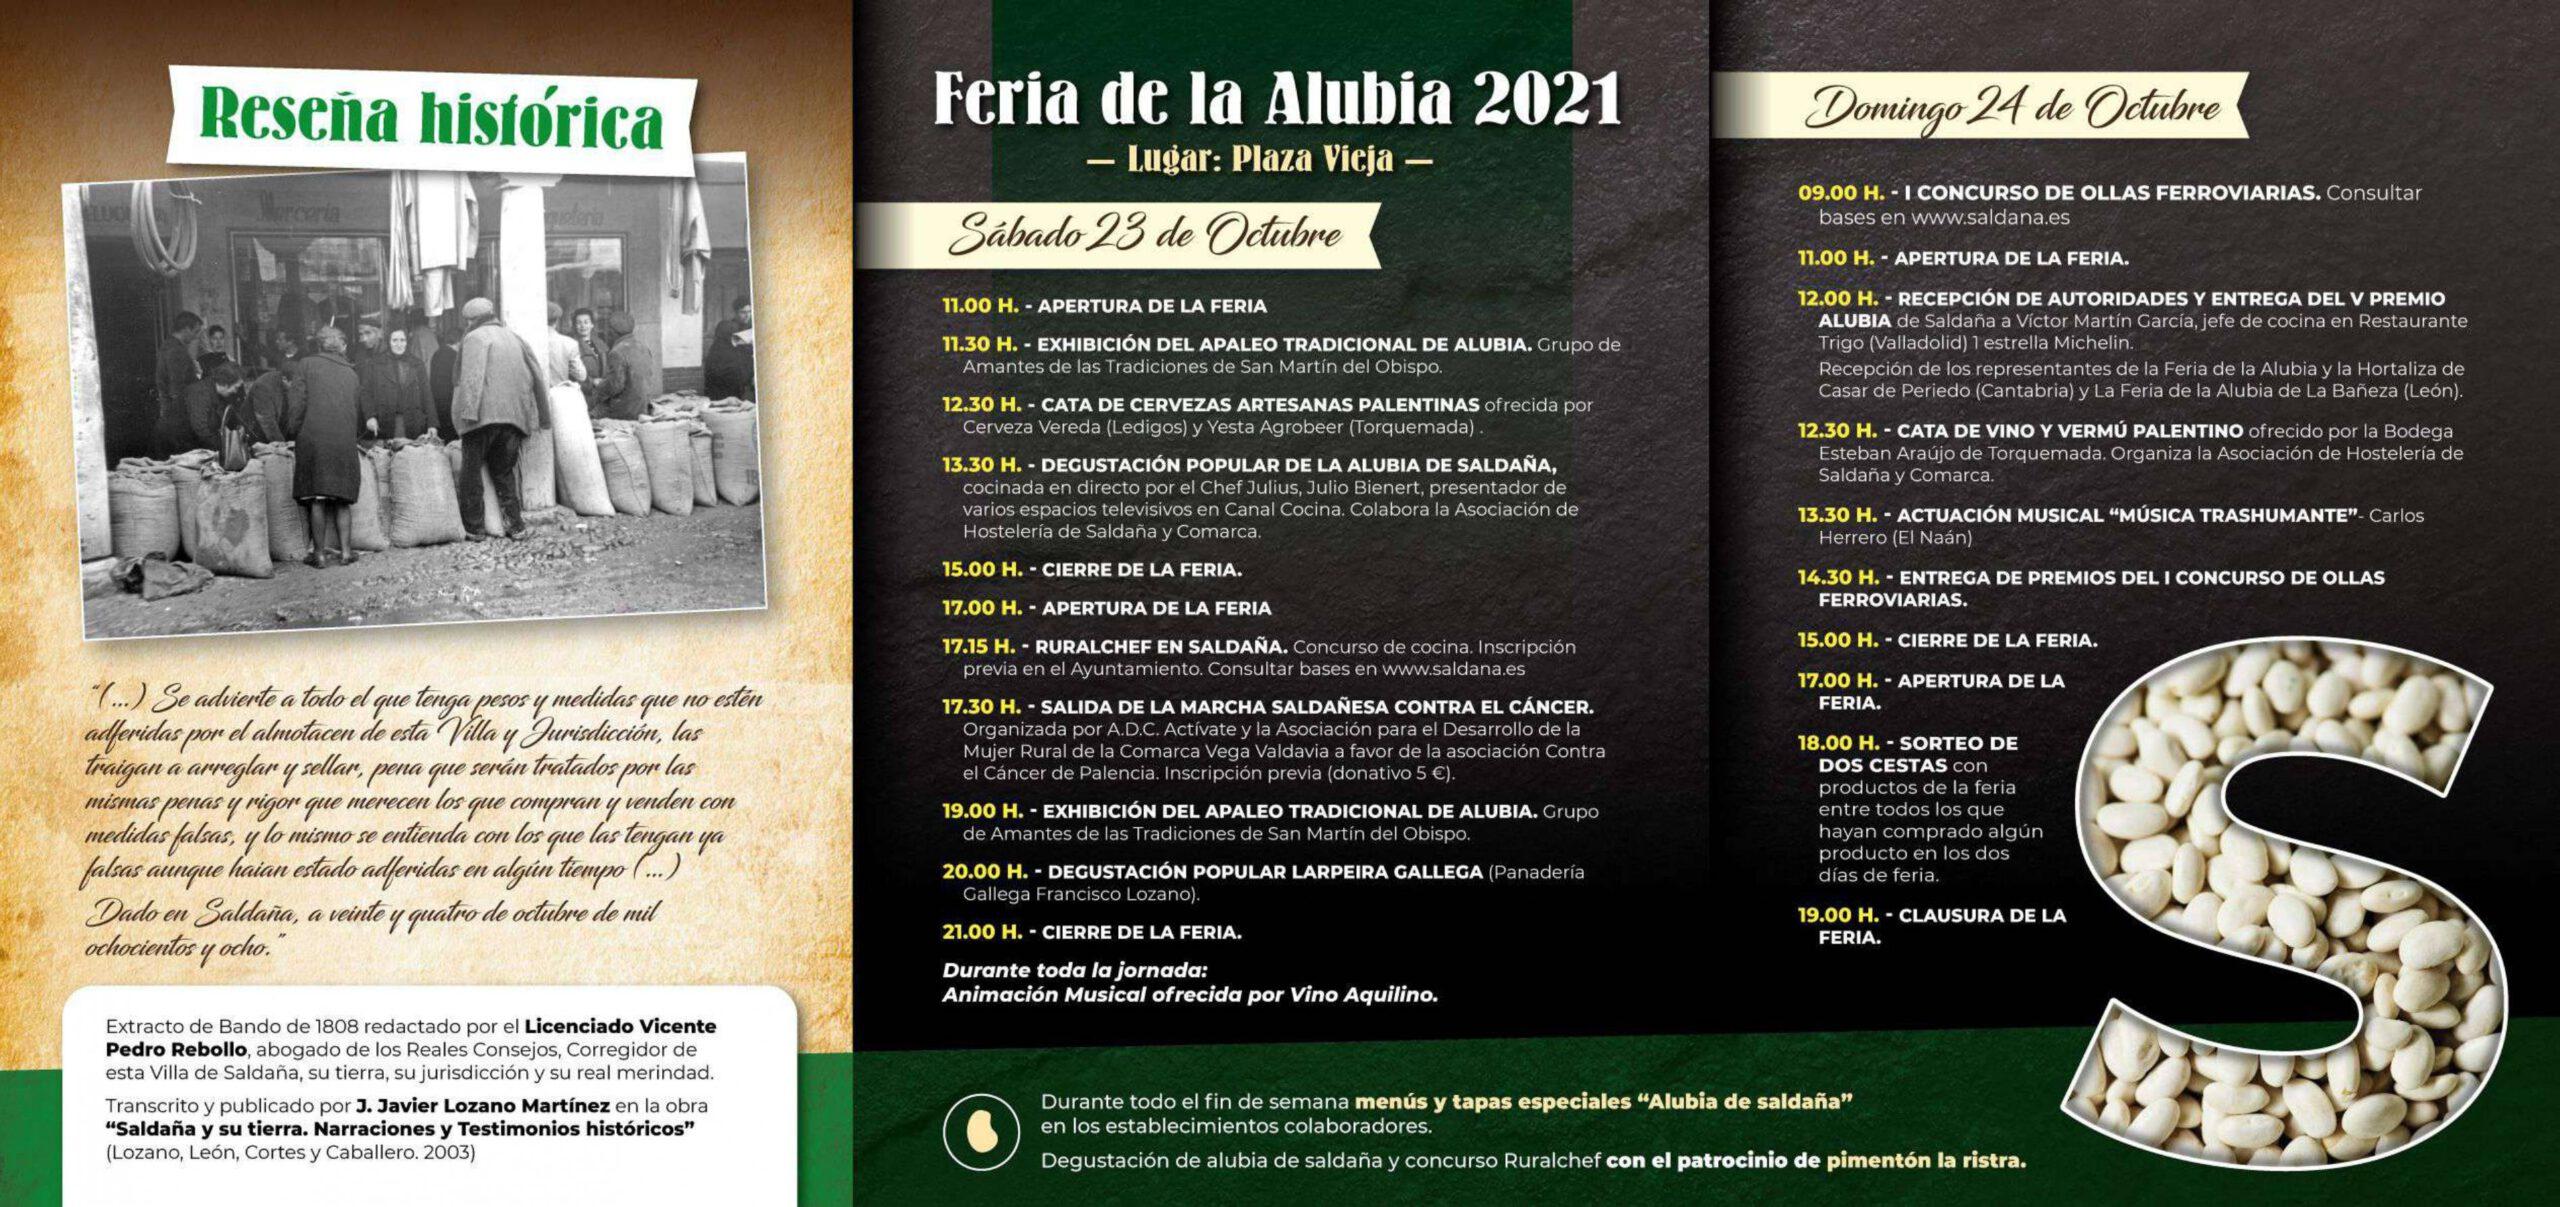 Feria de la Alubia (2021) - Saldaña (Palencia) 2